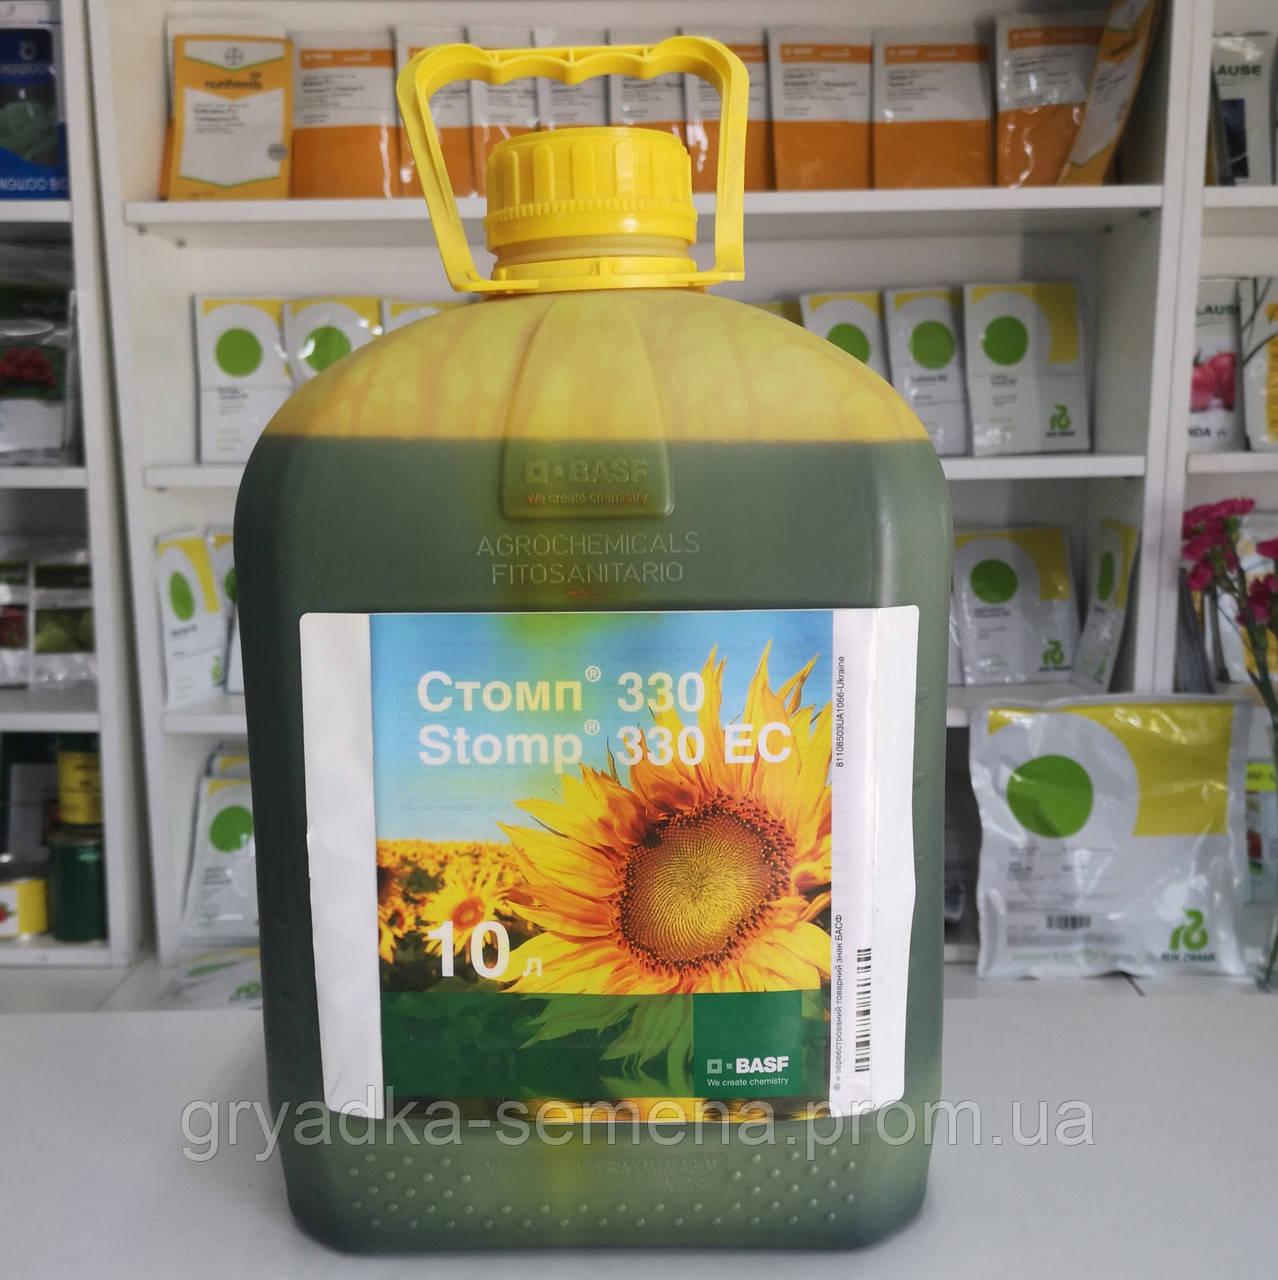 Гербицид Стомп® 330 ЕС - Басф 10 л, концентрат эмульсии